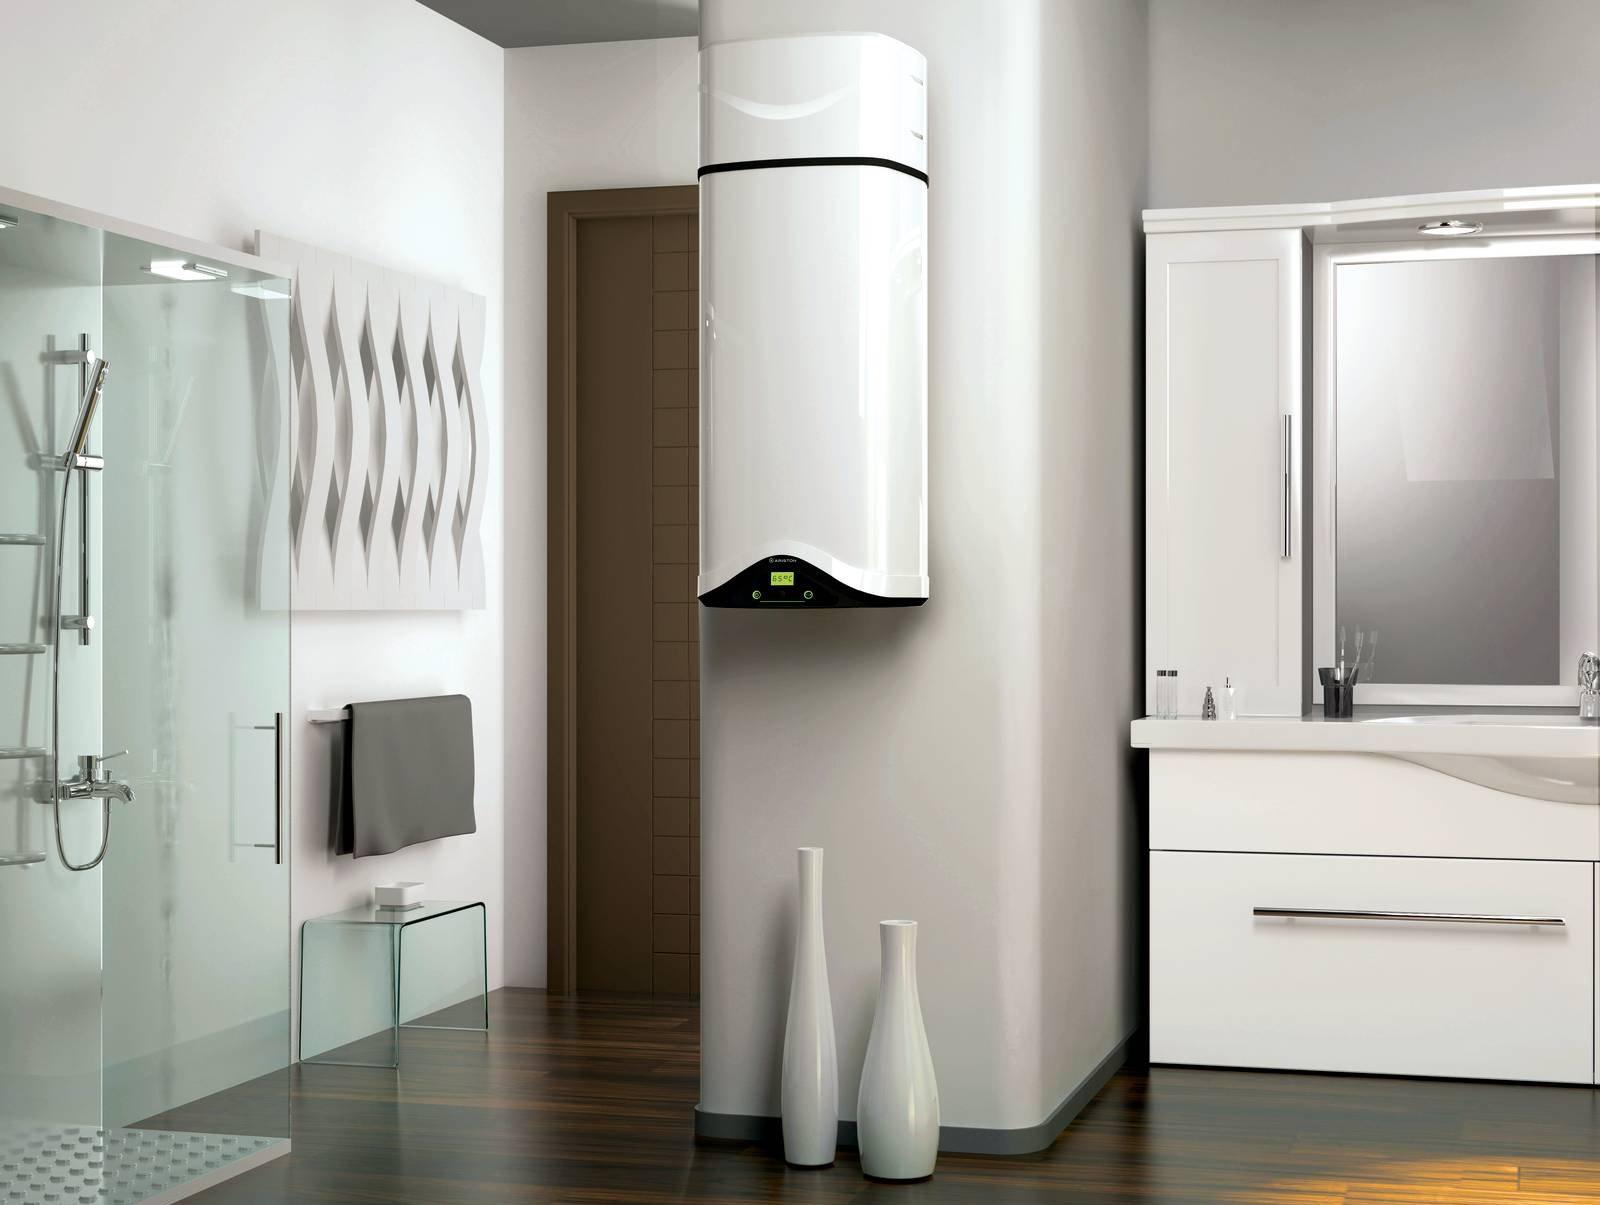 Pompa Di Calore Per Bagno pompe di calore: la climatizzazione a risparmio energetico